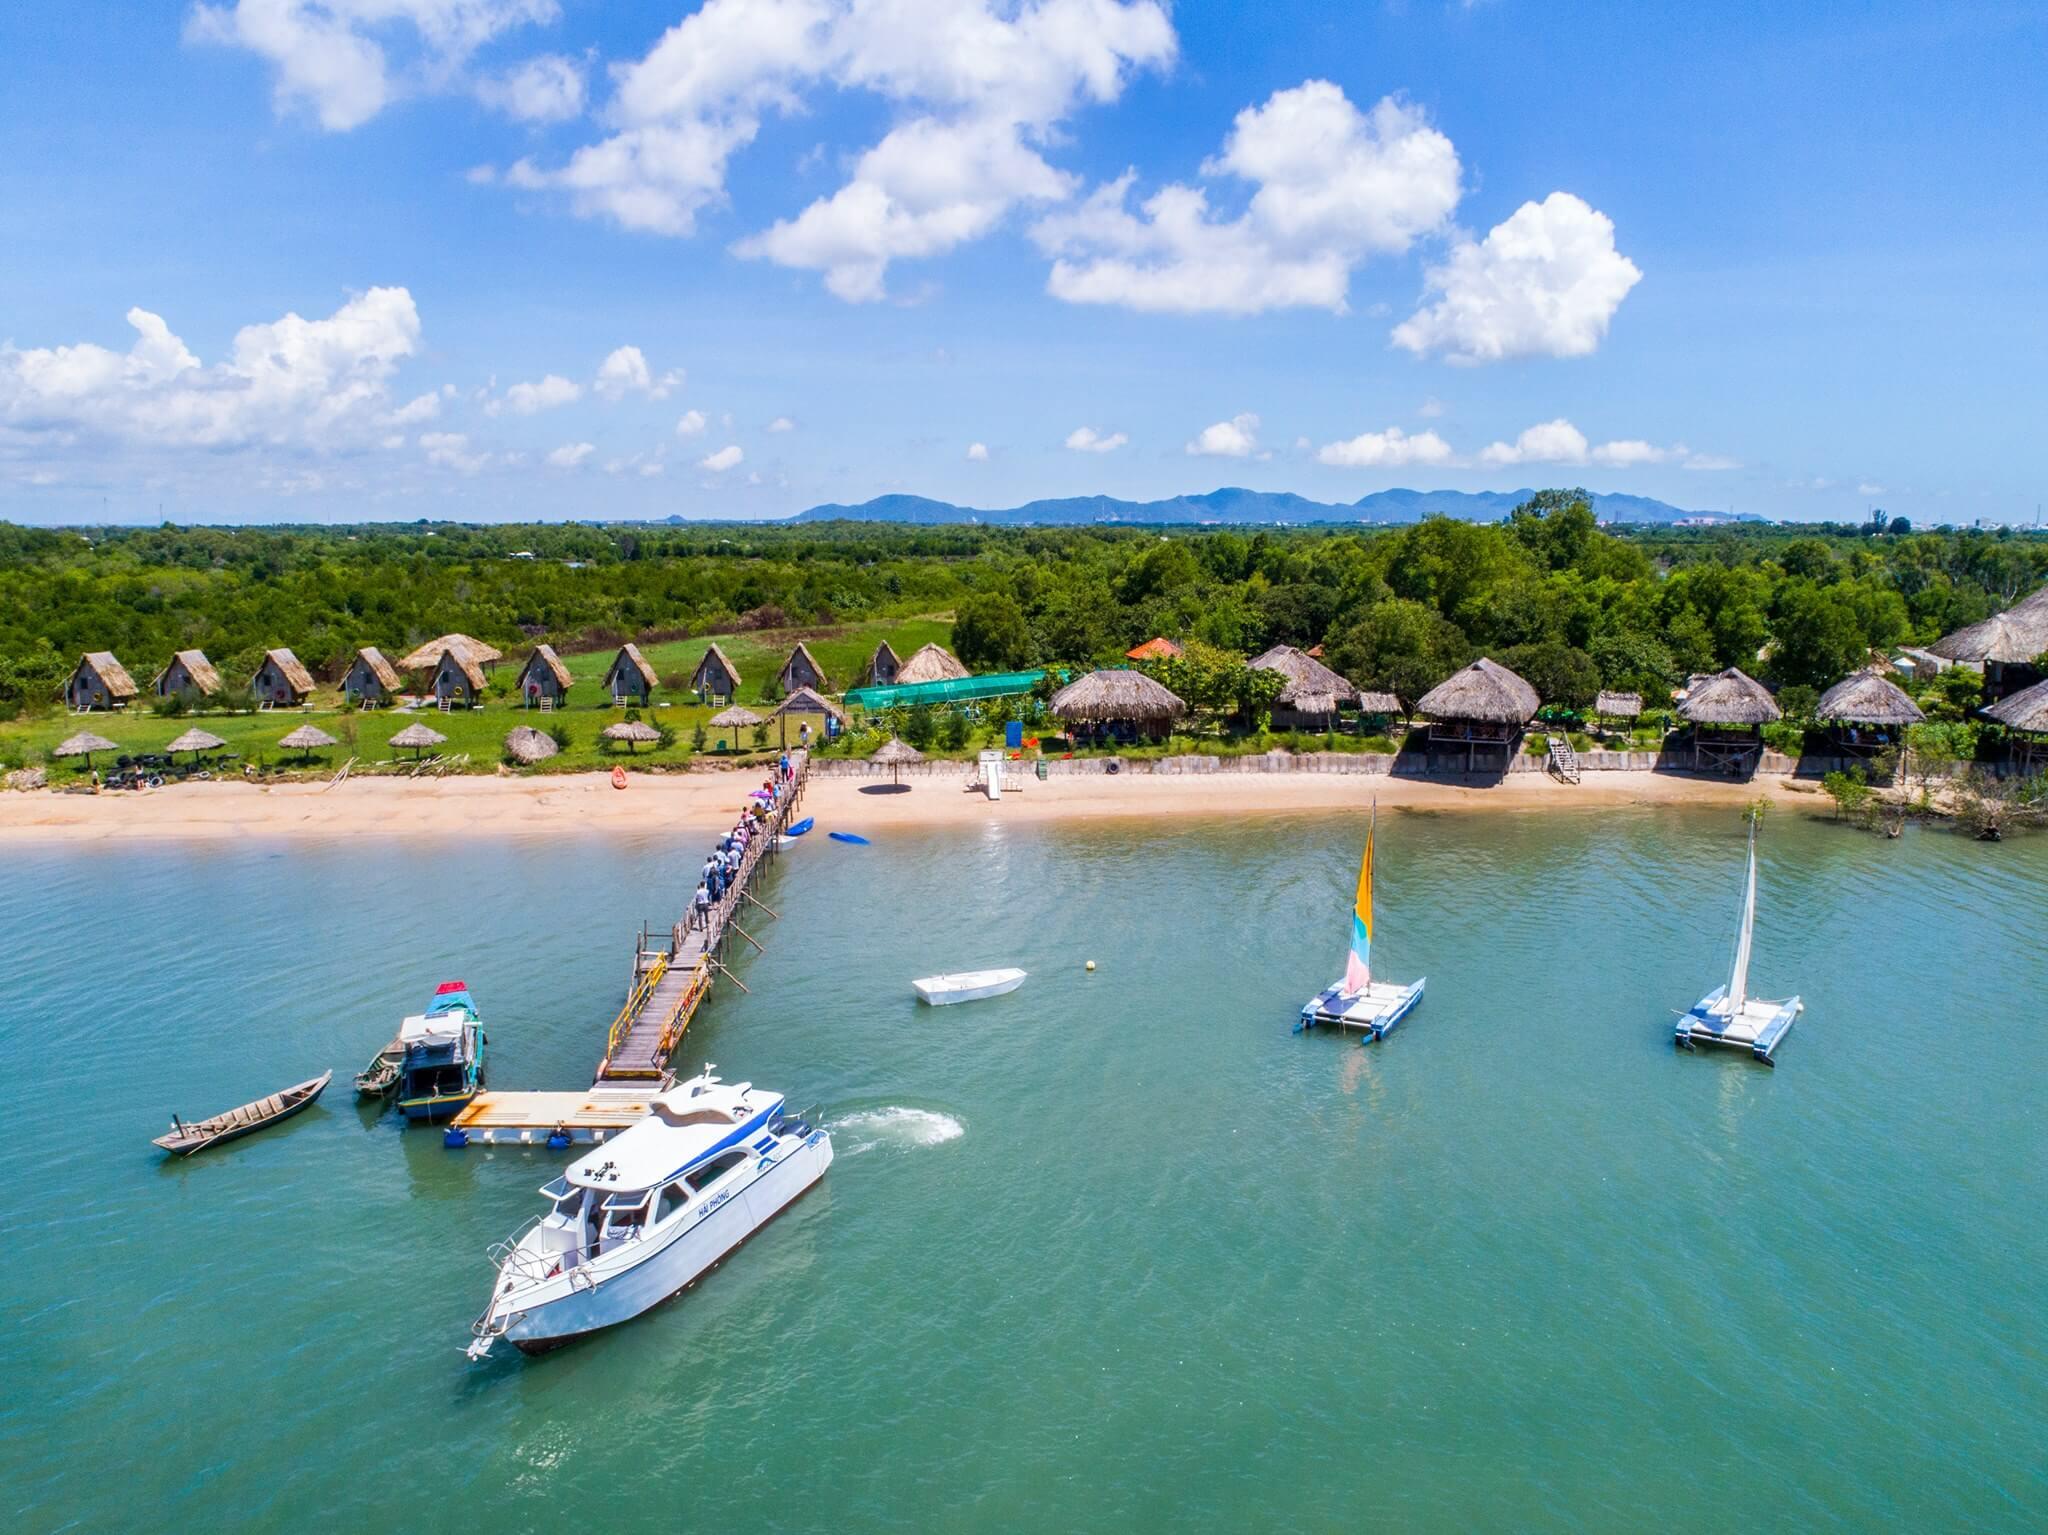 Bà Rịa Vũng Tàu sẽ trình Thủ tướng chấp thuận chủ trương Khu đô thị biển hơn 1.500 ha